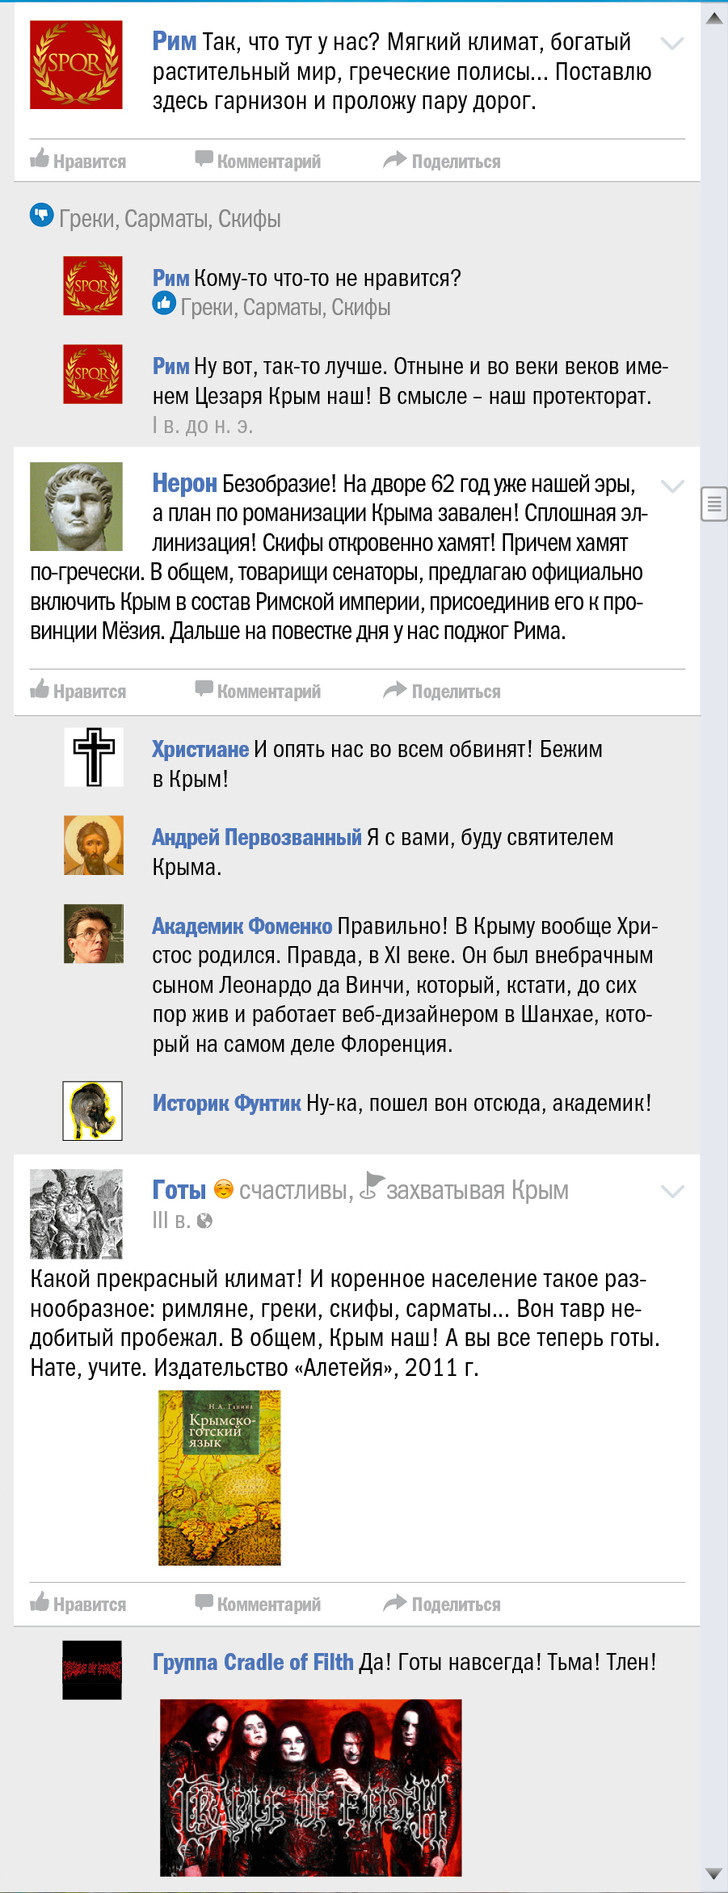 Фото №4 - Крым чей? Правдивая история Крыма в виде ленты «Фейсбука»